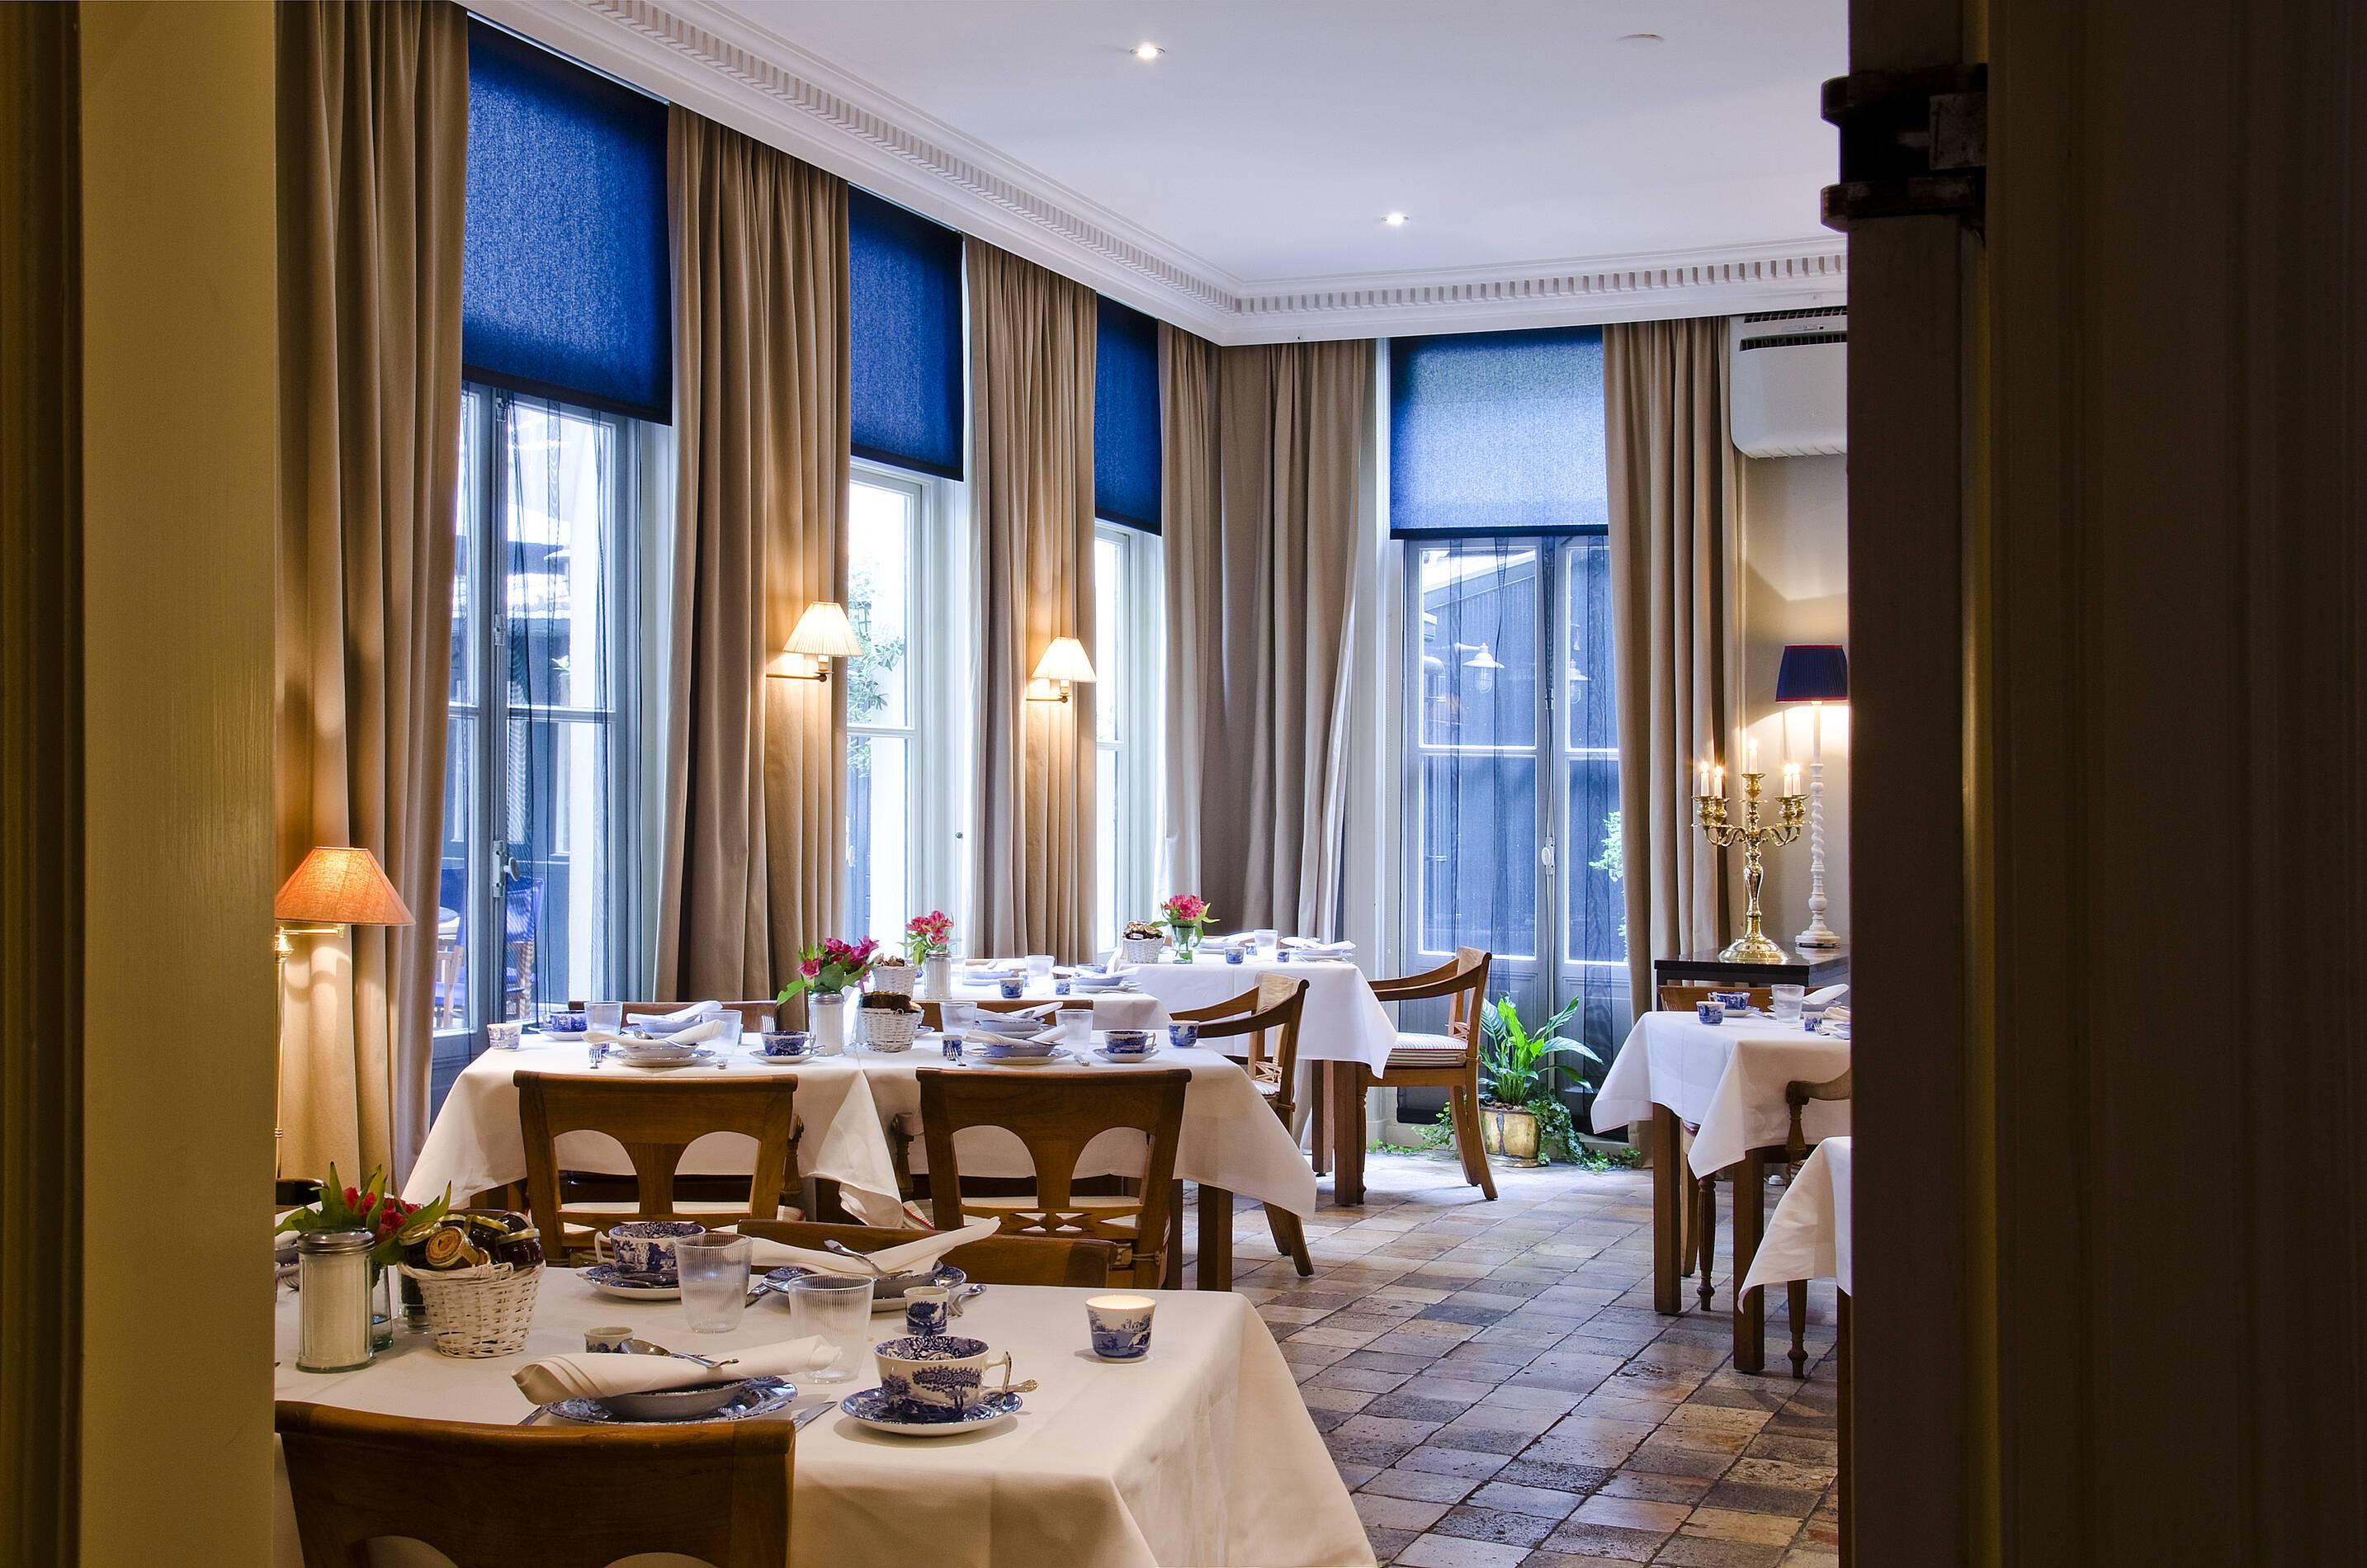 717 hotel restaurant stravinsky amsterdam